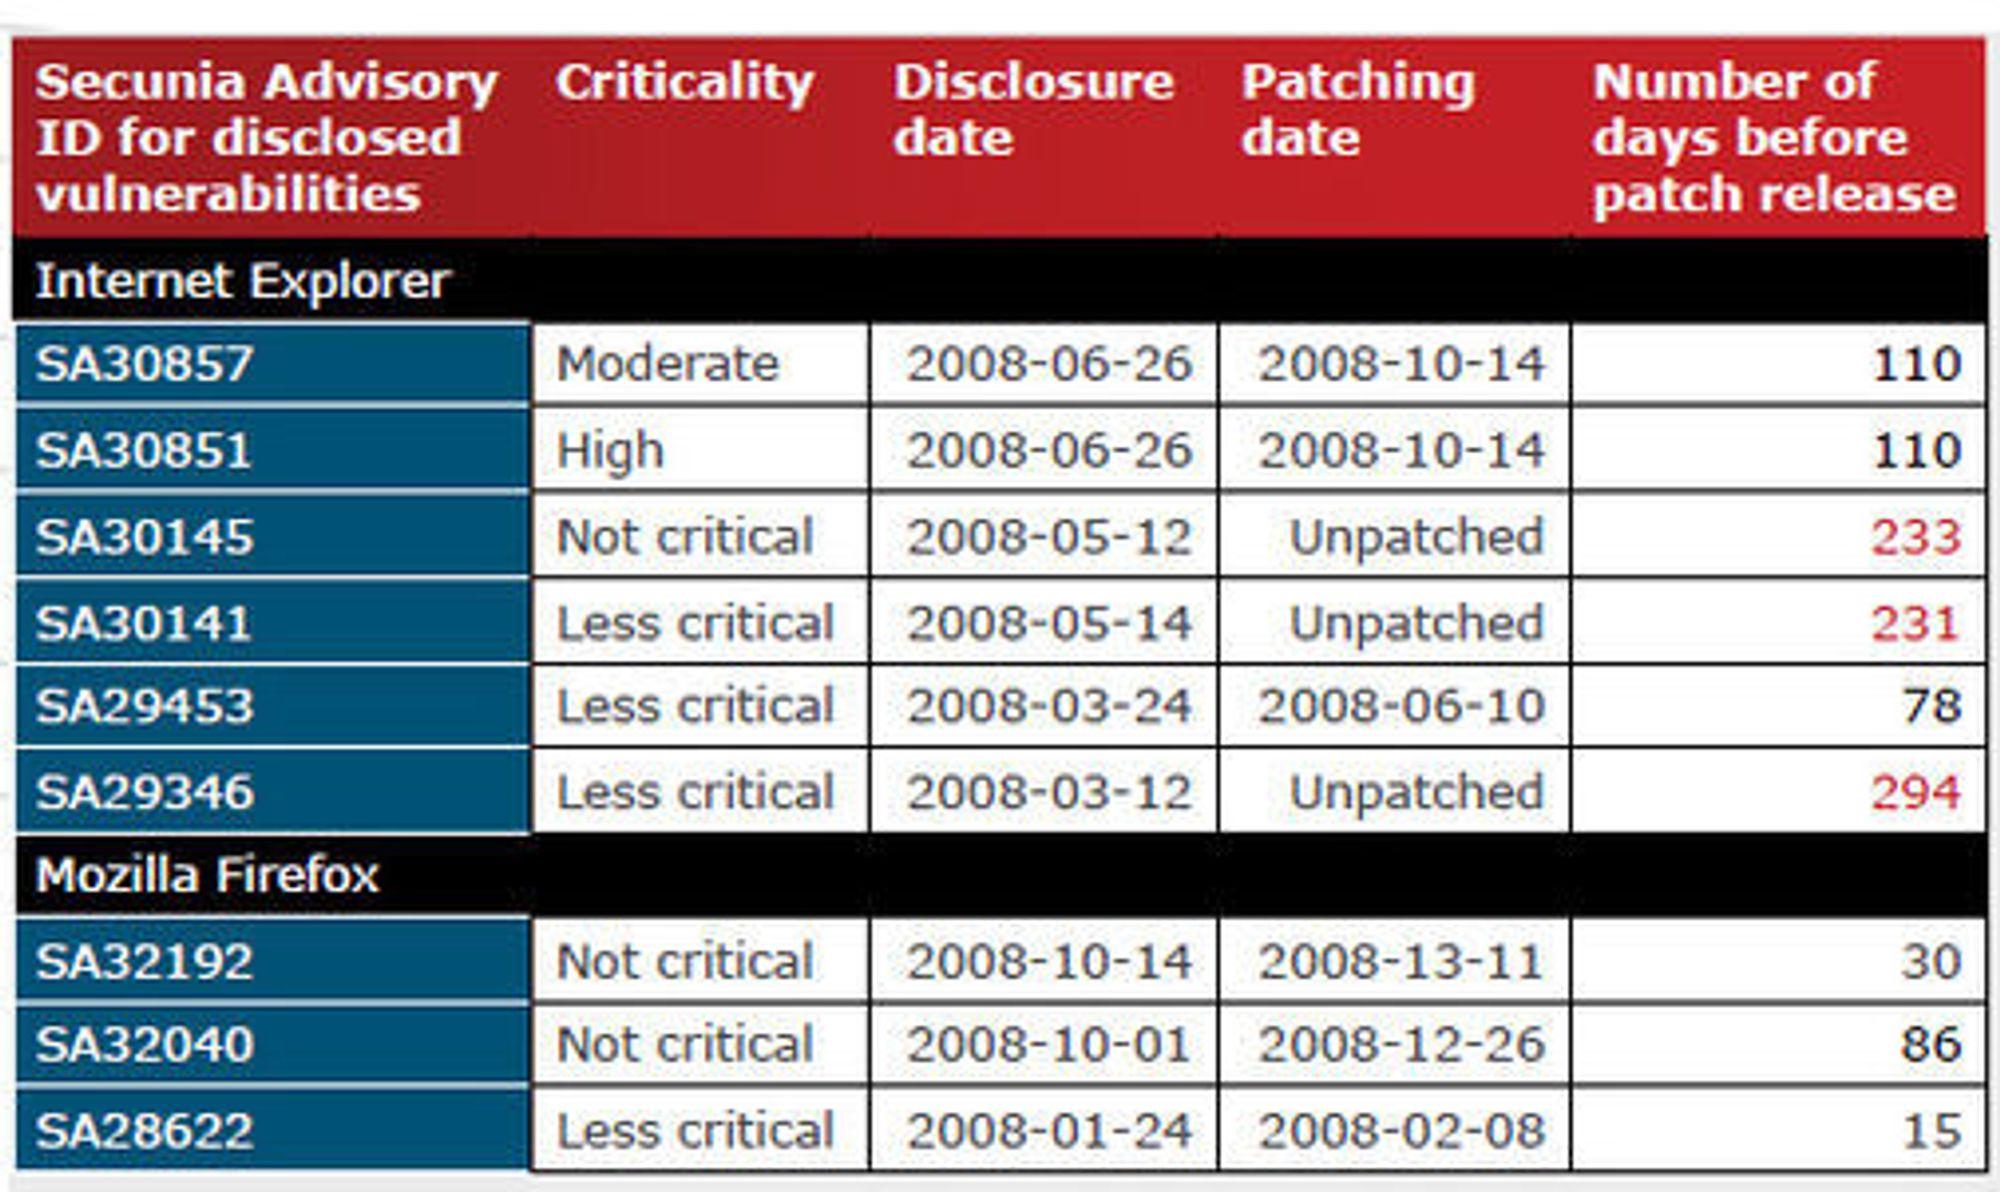 Utnyttelsesvinduet for offentlig kjente sårbarheter tilk Internet Explorer og Firefox i 2008.